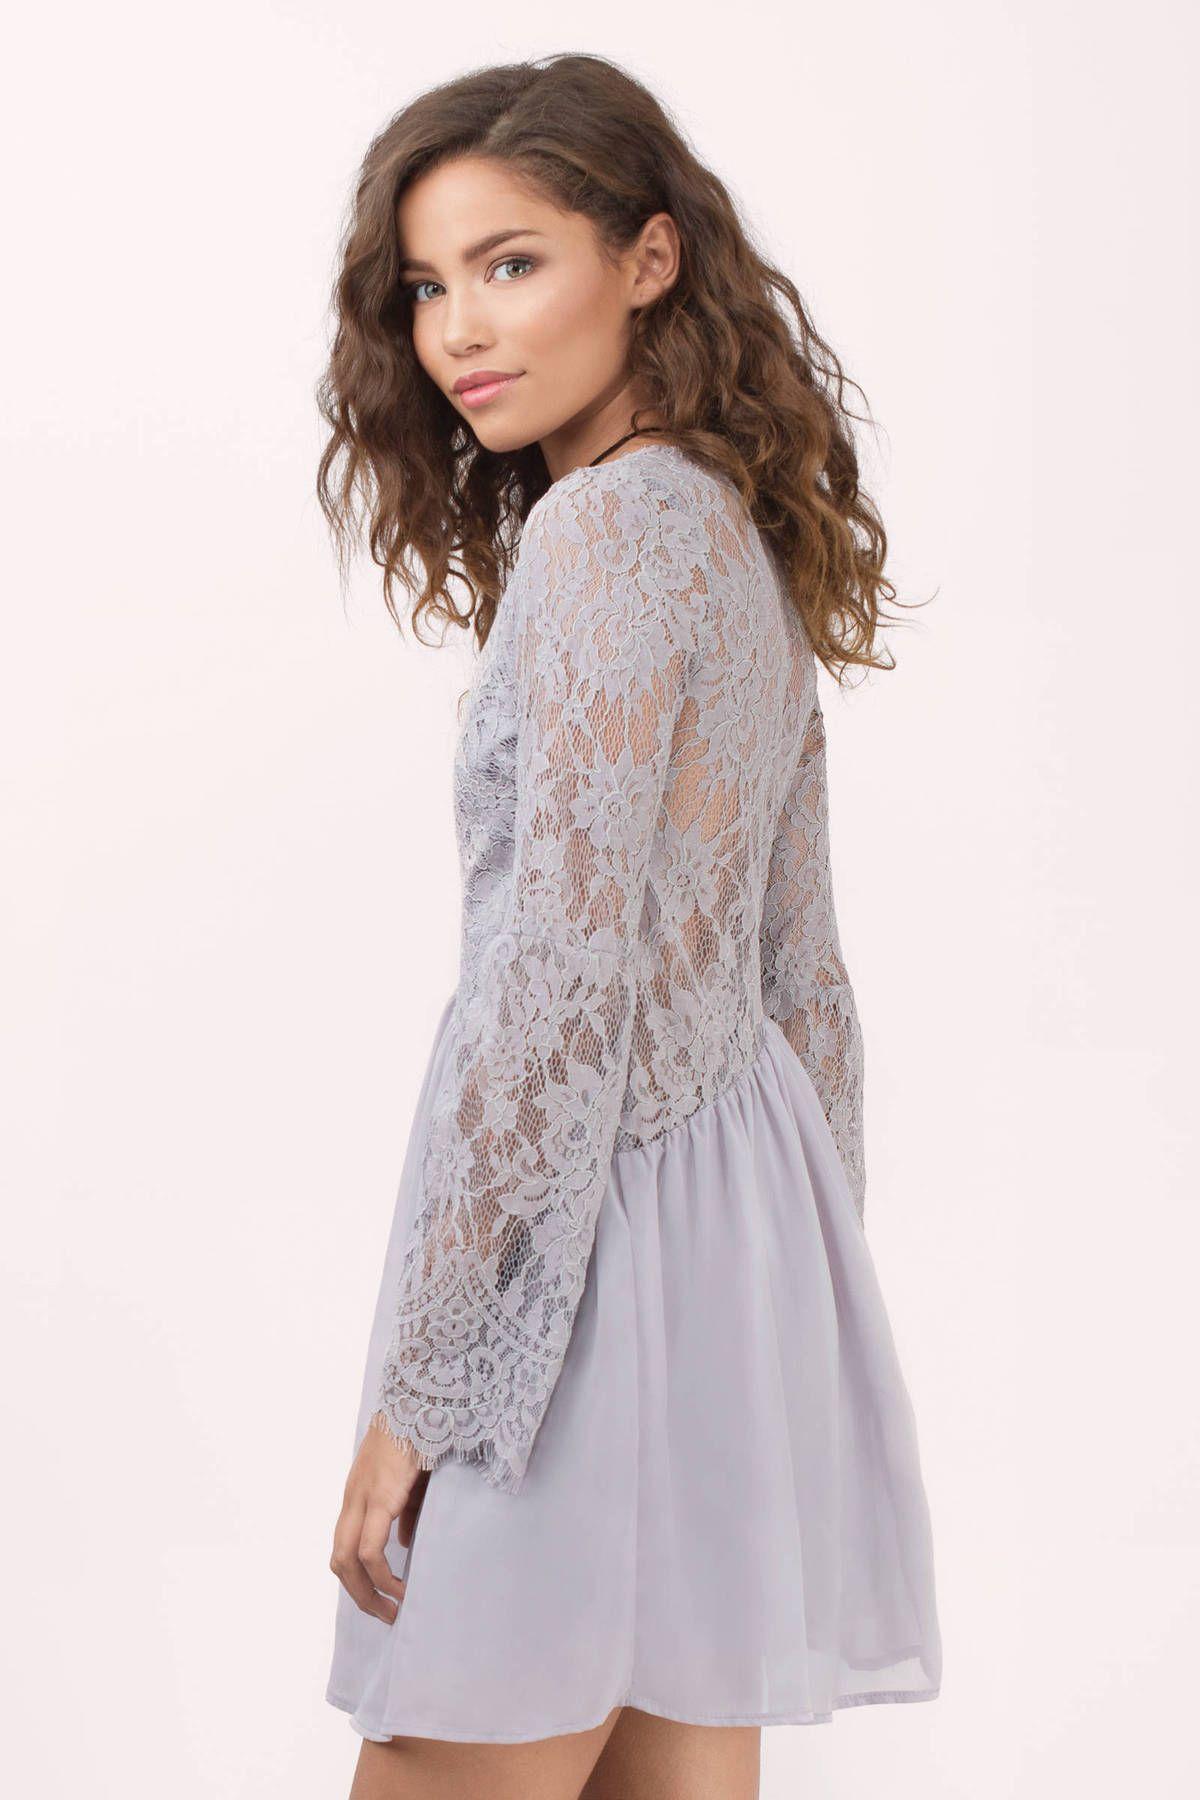 3bdad1a3d88 Prom Dresses